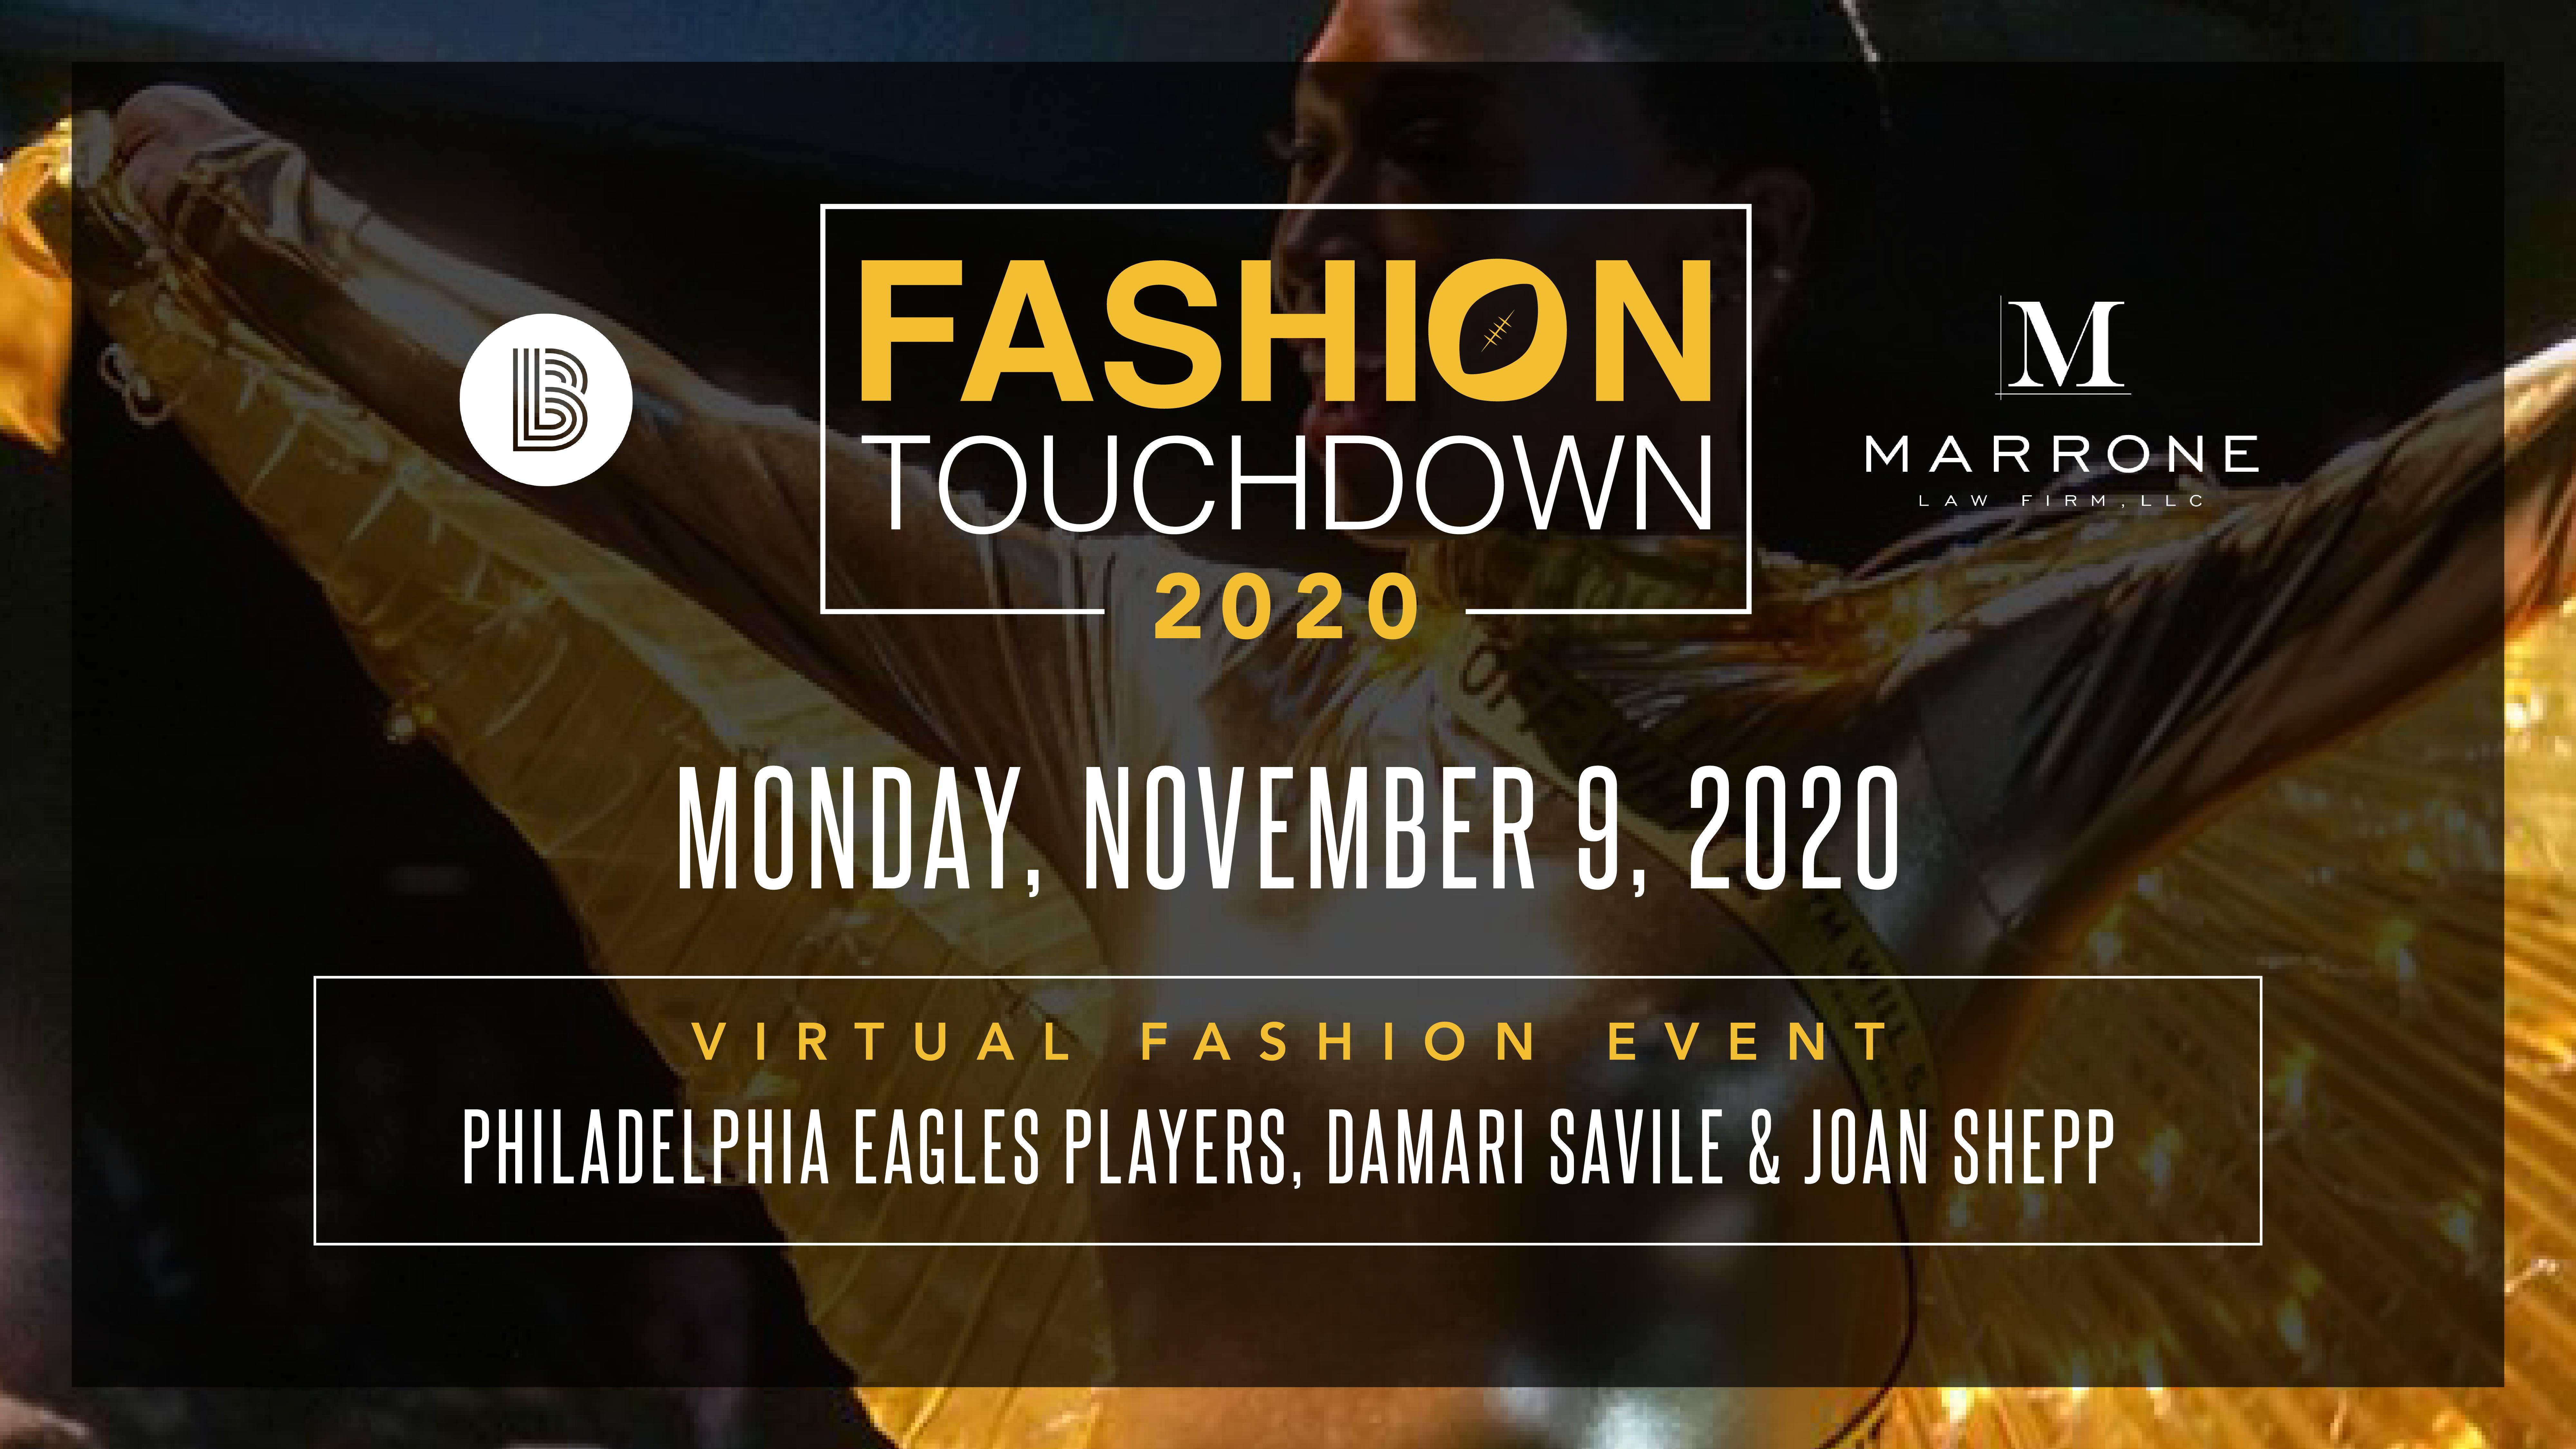 Fashion Touchdown 2020